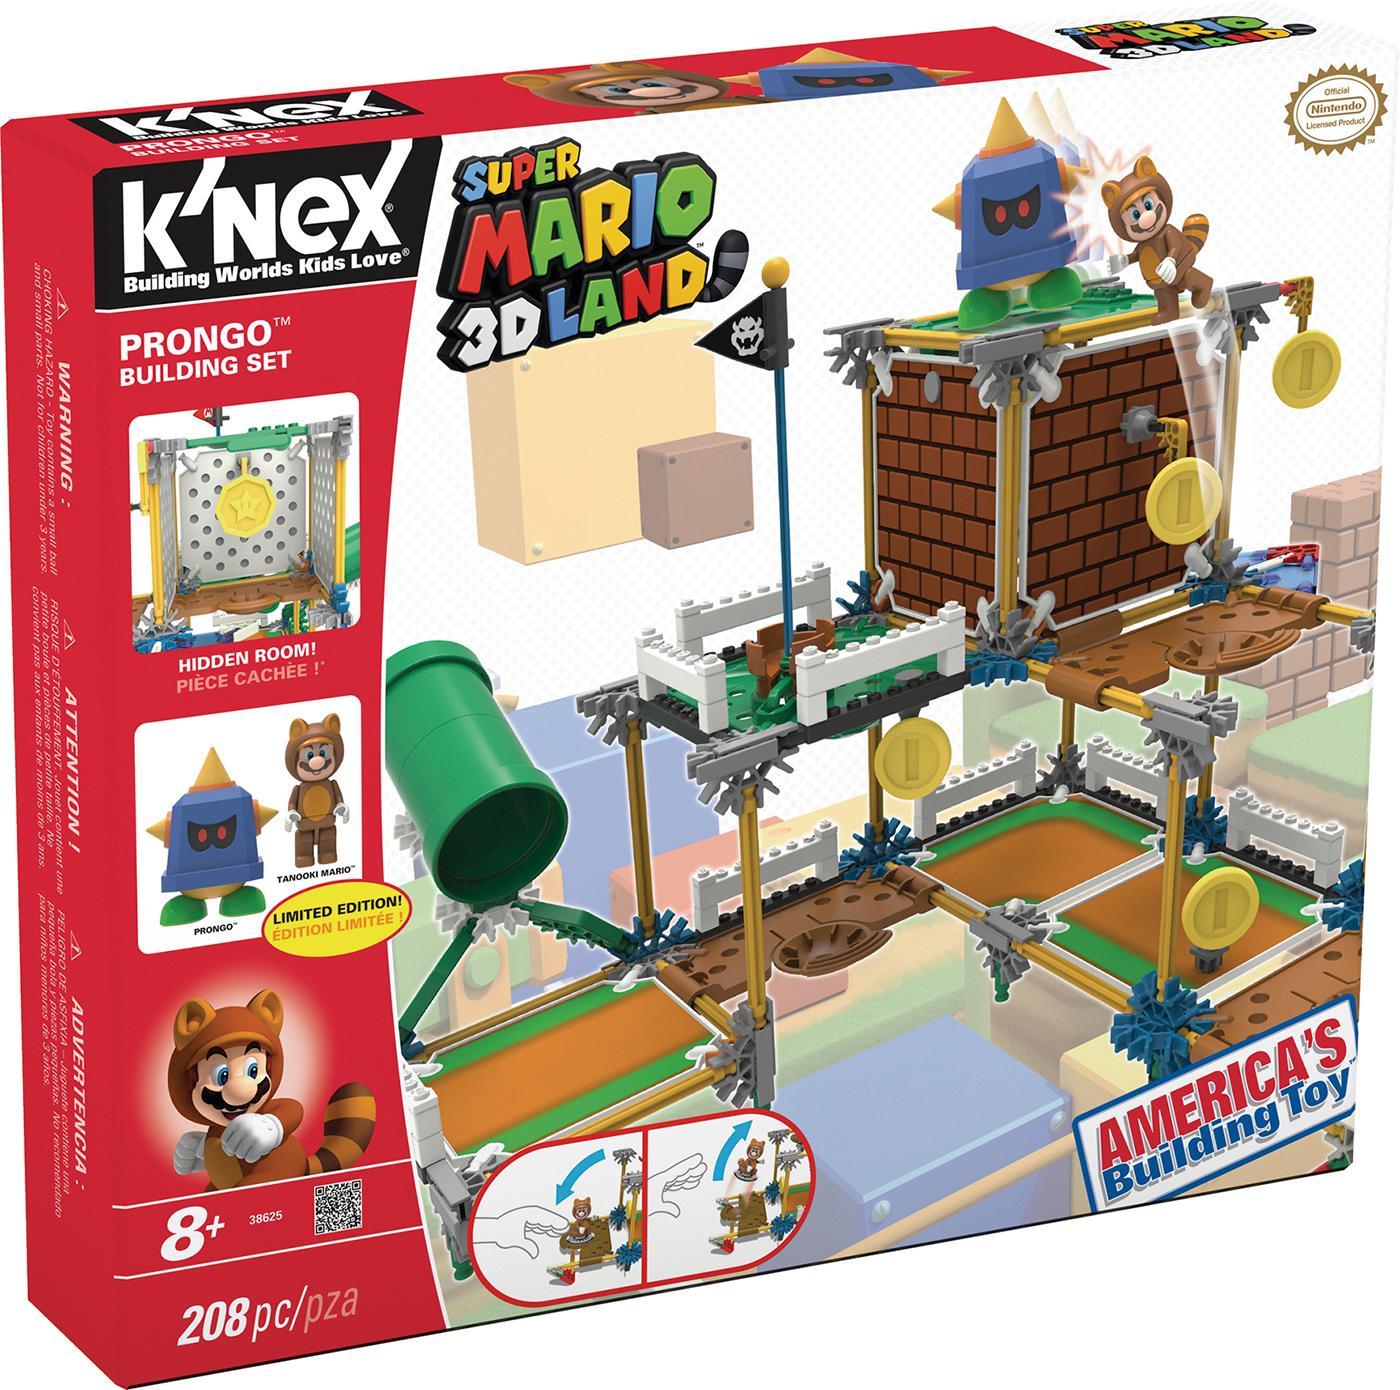 Knex Super Mario Bros - Set construcción Deluxe Prongo, 208 Piezas (Fábrica de Juguetes 41012): Amazon.es: Juguetes y juegos